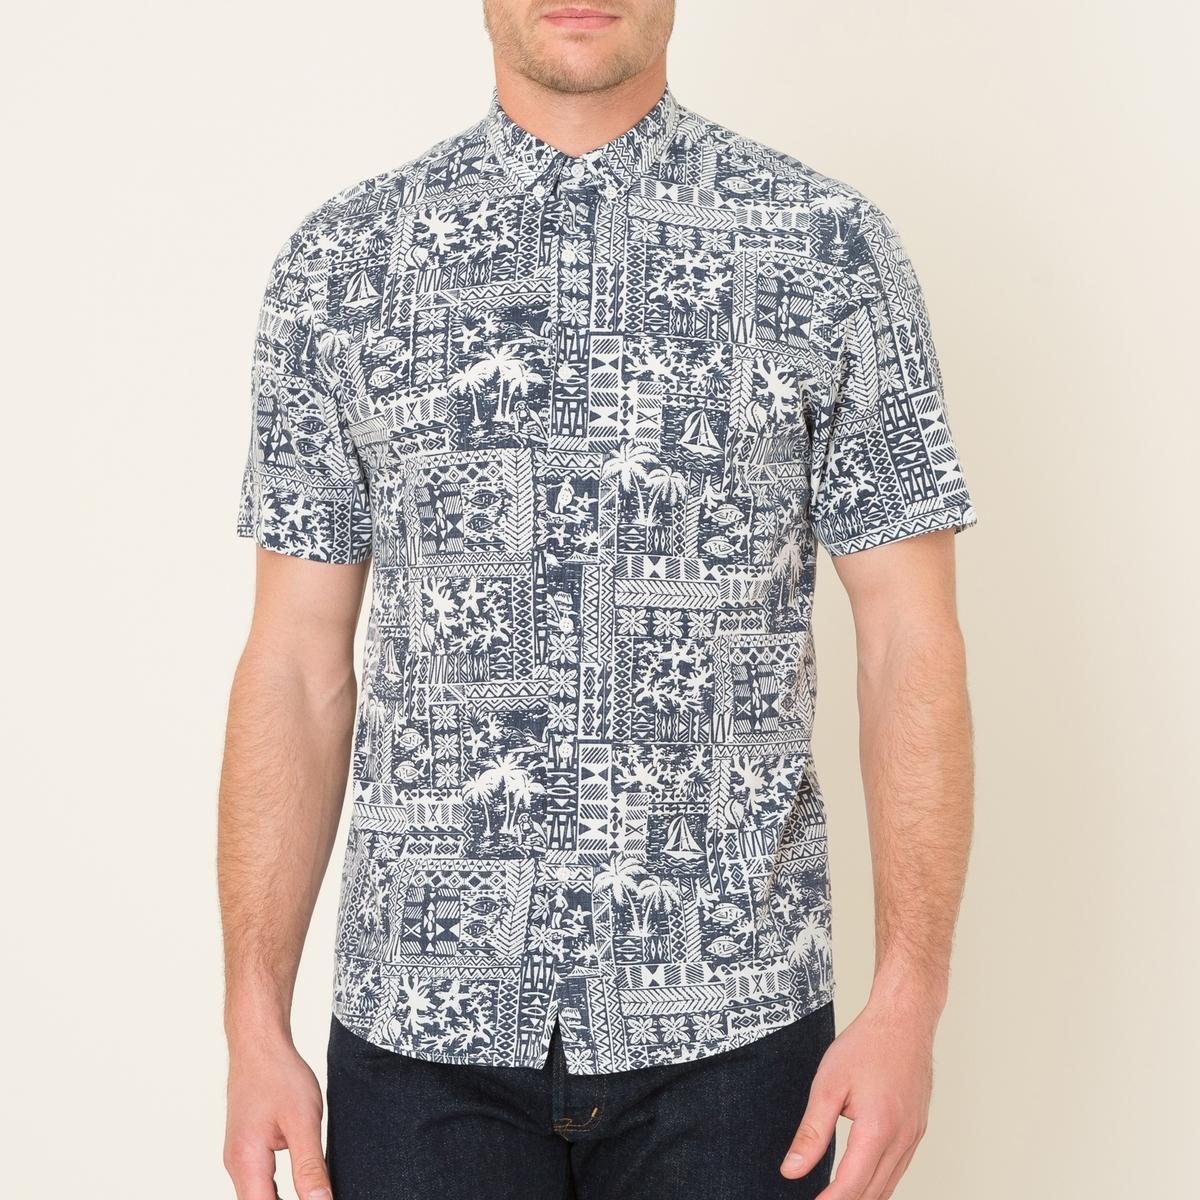 Рубашка с короткими рукавами с принтомРубашка с короткими рукавами  THE KOOPLES SPORT - из струящейся ткани со сплошным принтом . Воротник с уголками на пуговицах и вырезом на пуговицах . Короткие рукава . Прямой низ.Состав и описание    Материал : 65% вискозы, 35% хлопка   Марка : THE KOOPLES SPORT<br><br>Цвет: темно-синий<br>Размер: L